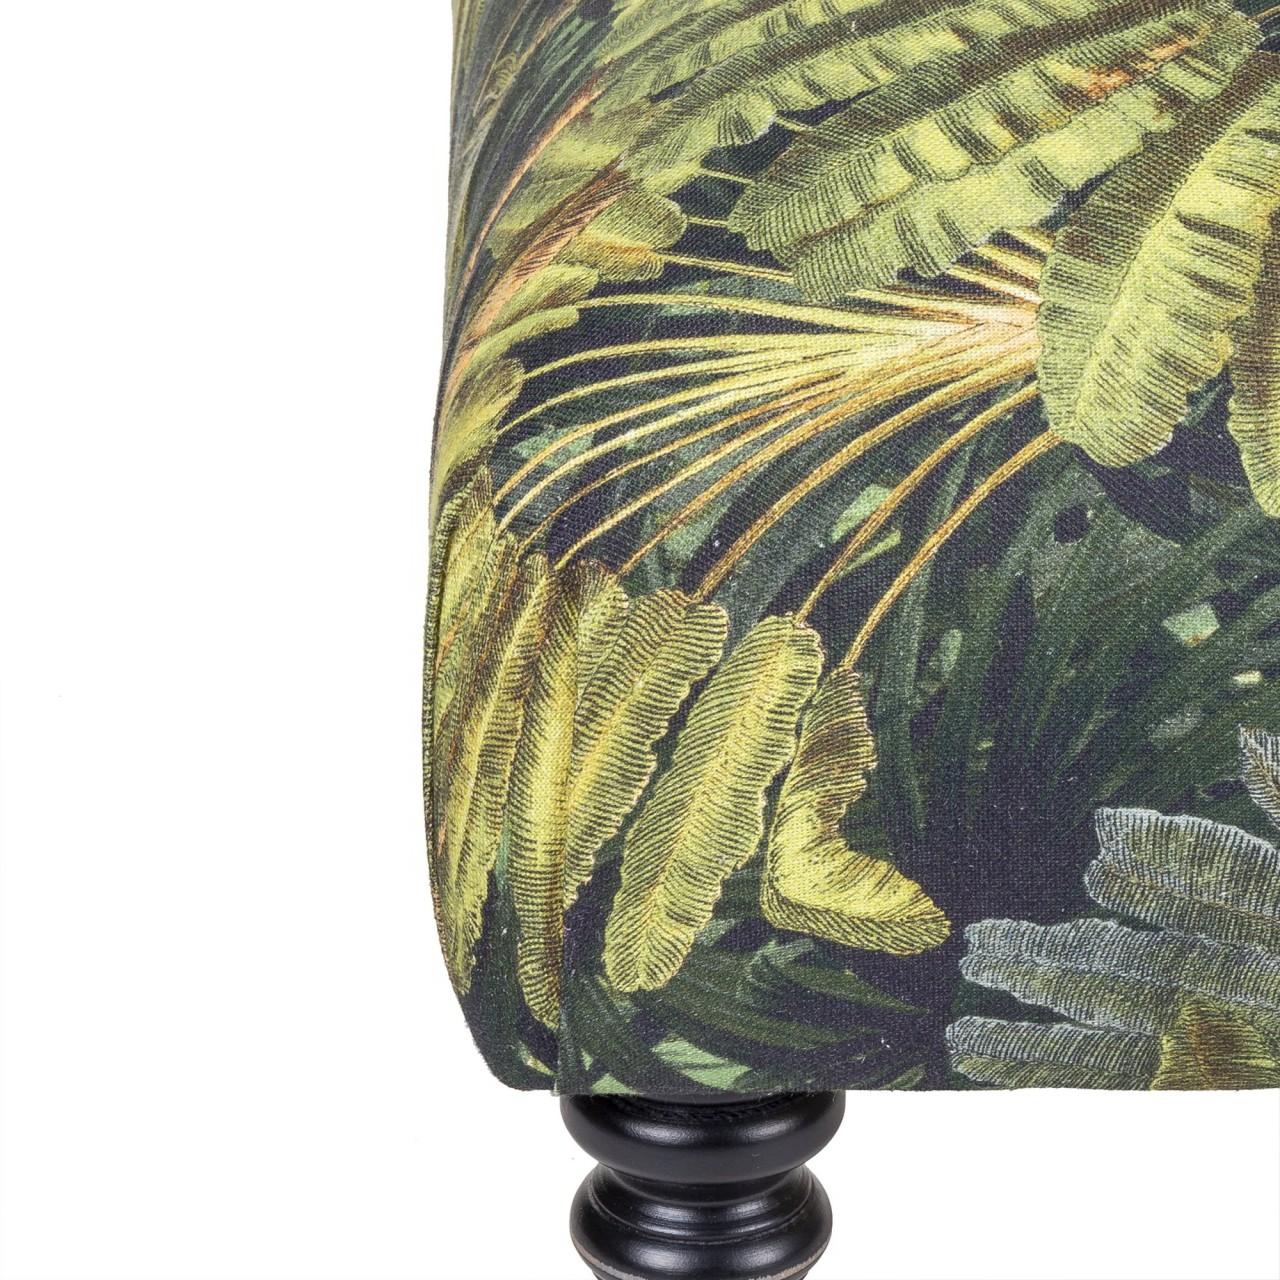 HUDSON Stool - TRAVELLER'S PALM Linen